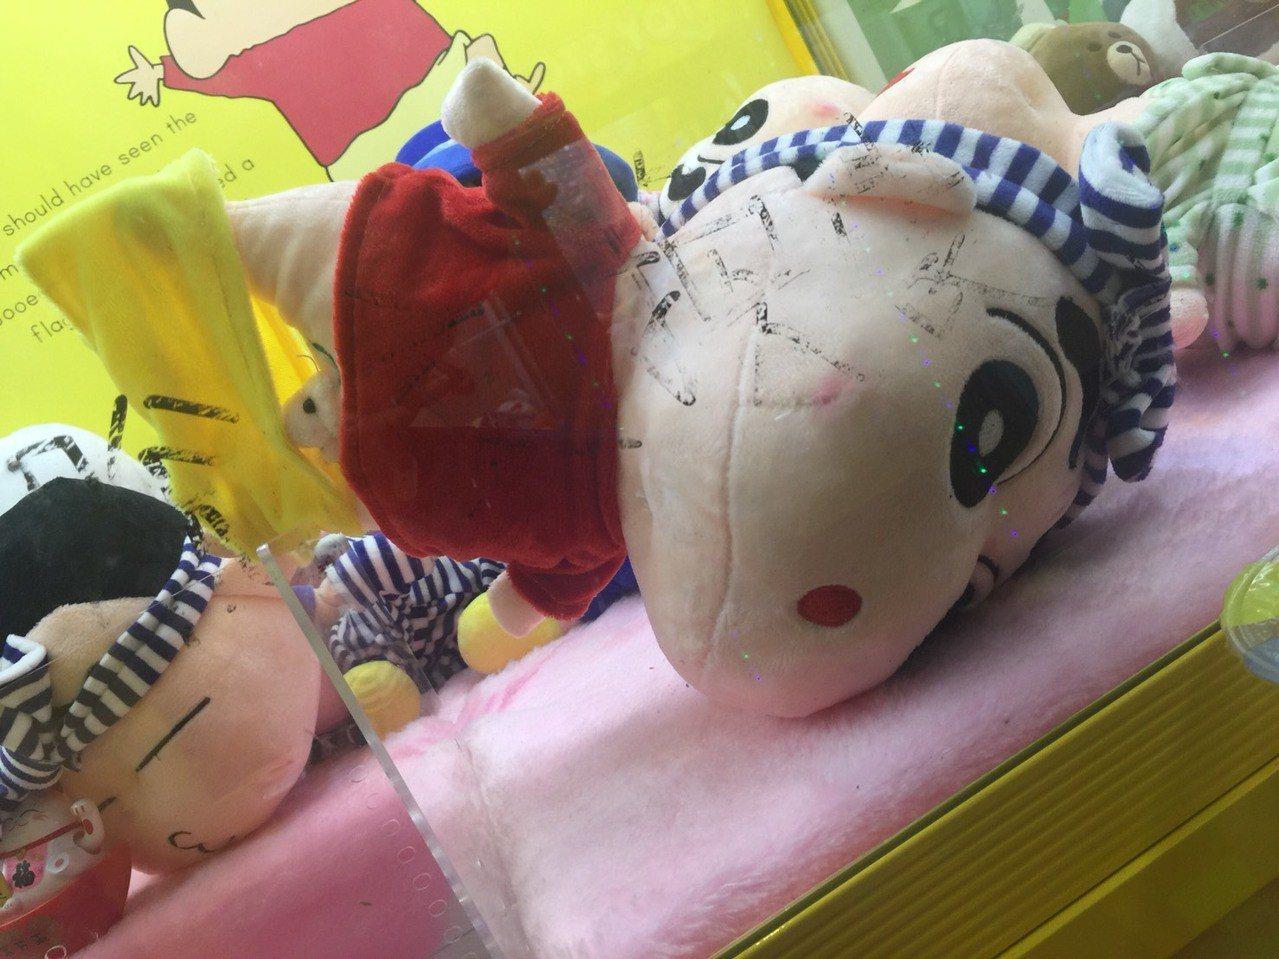 許姓男子到台中市出差,於西屯區逢甲路上一間夾娃娃機店殺時間,夾的過程中意外扯下玩...